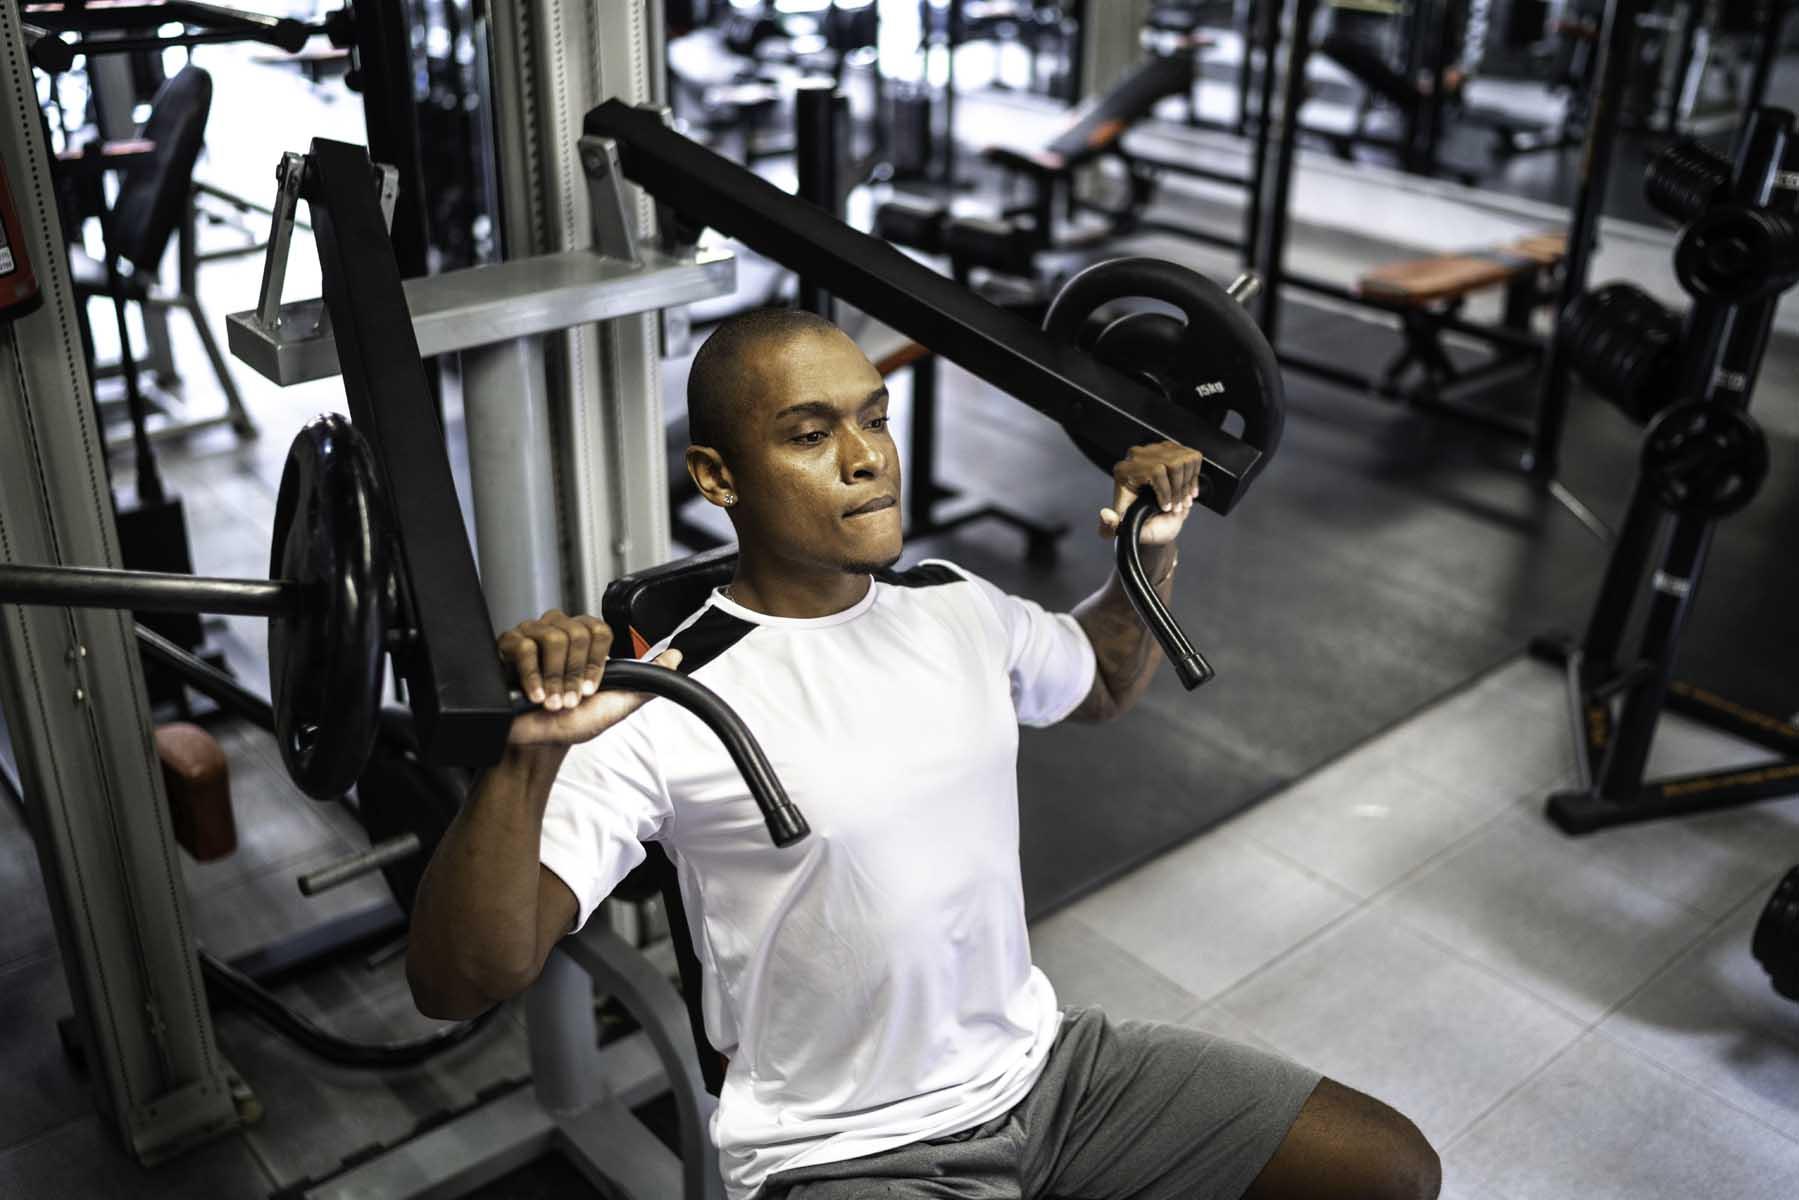 Entrenamiento de hombros: 8 ejercicios principales 1